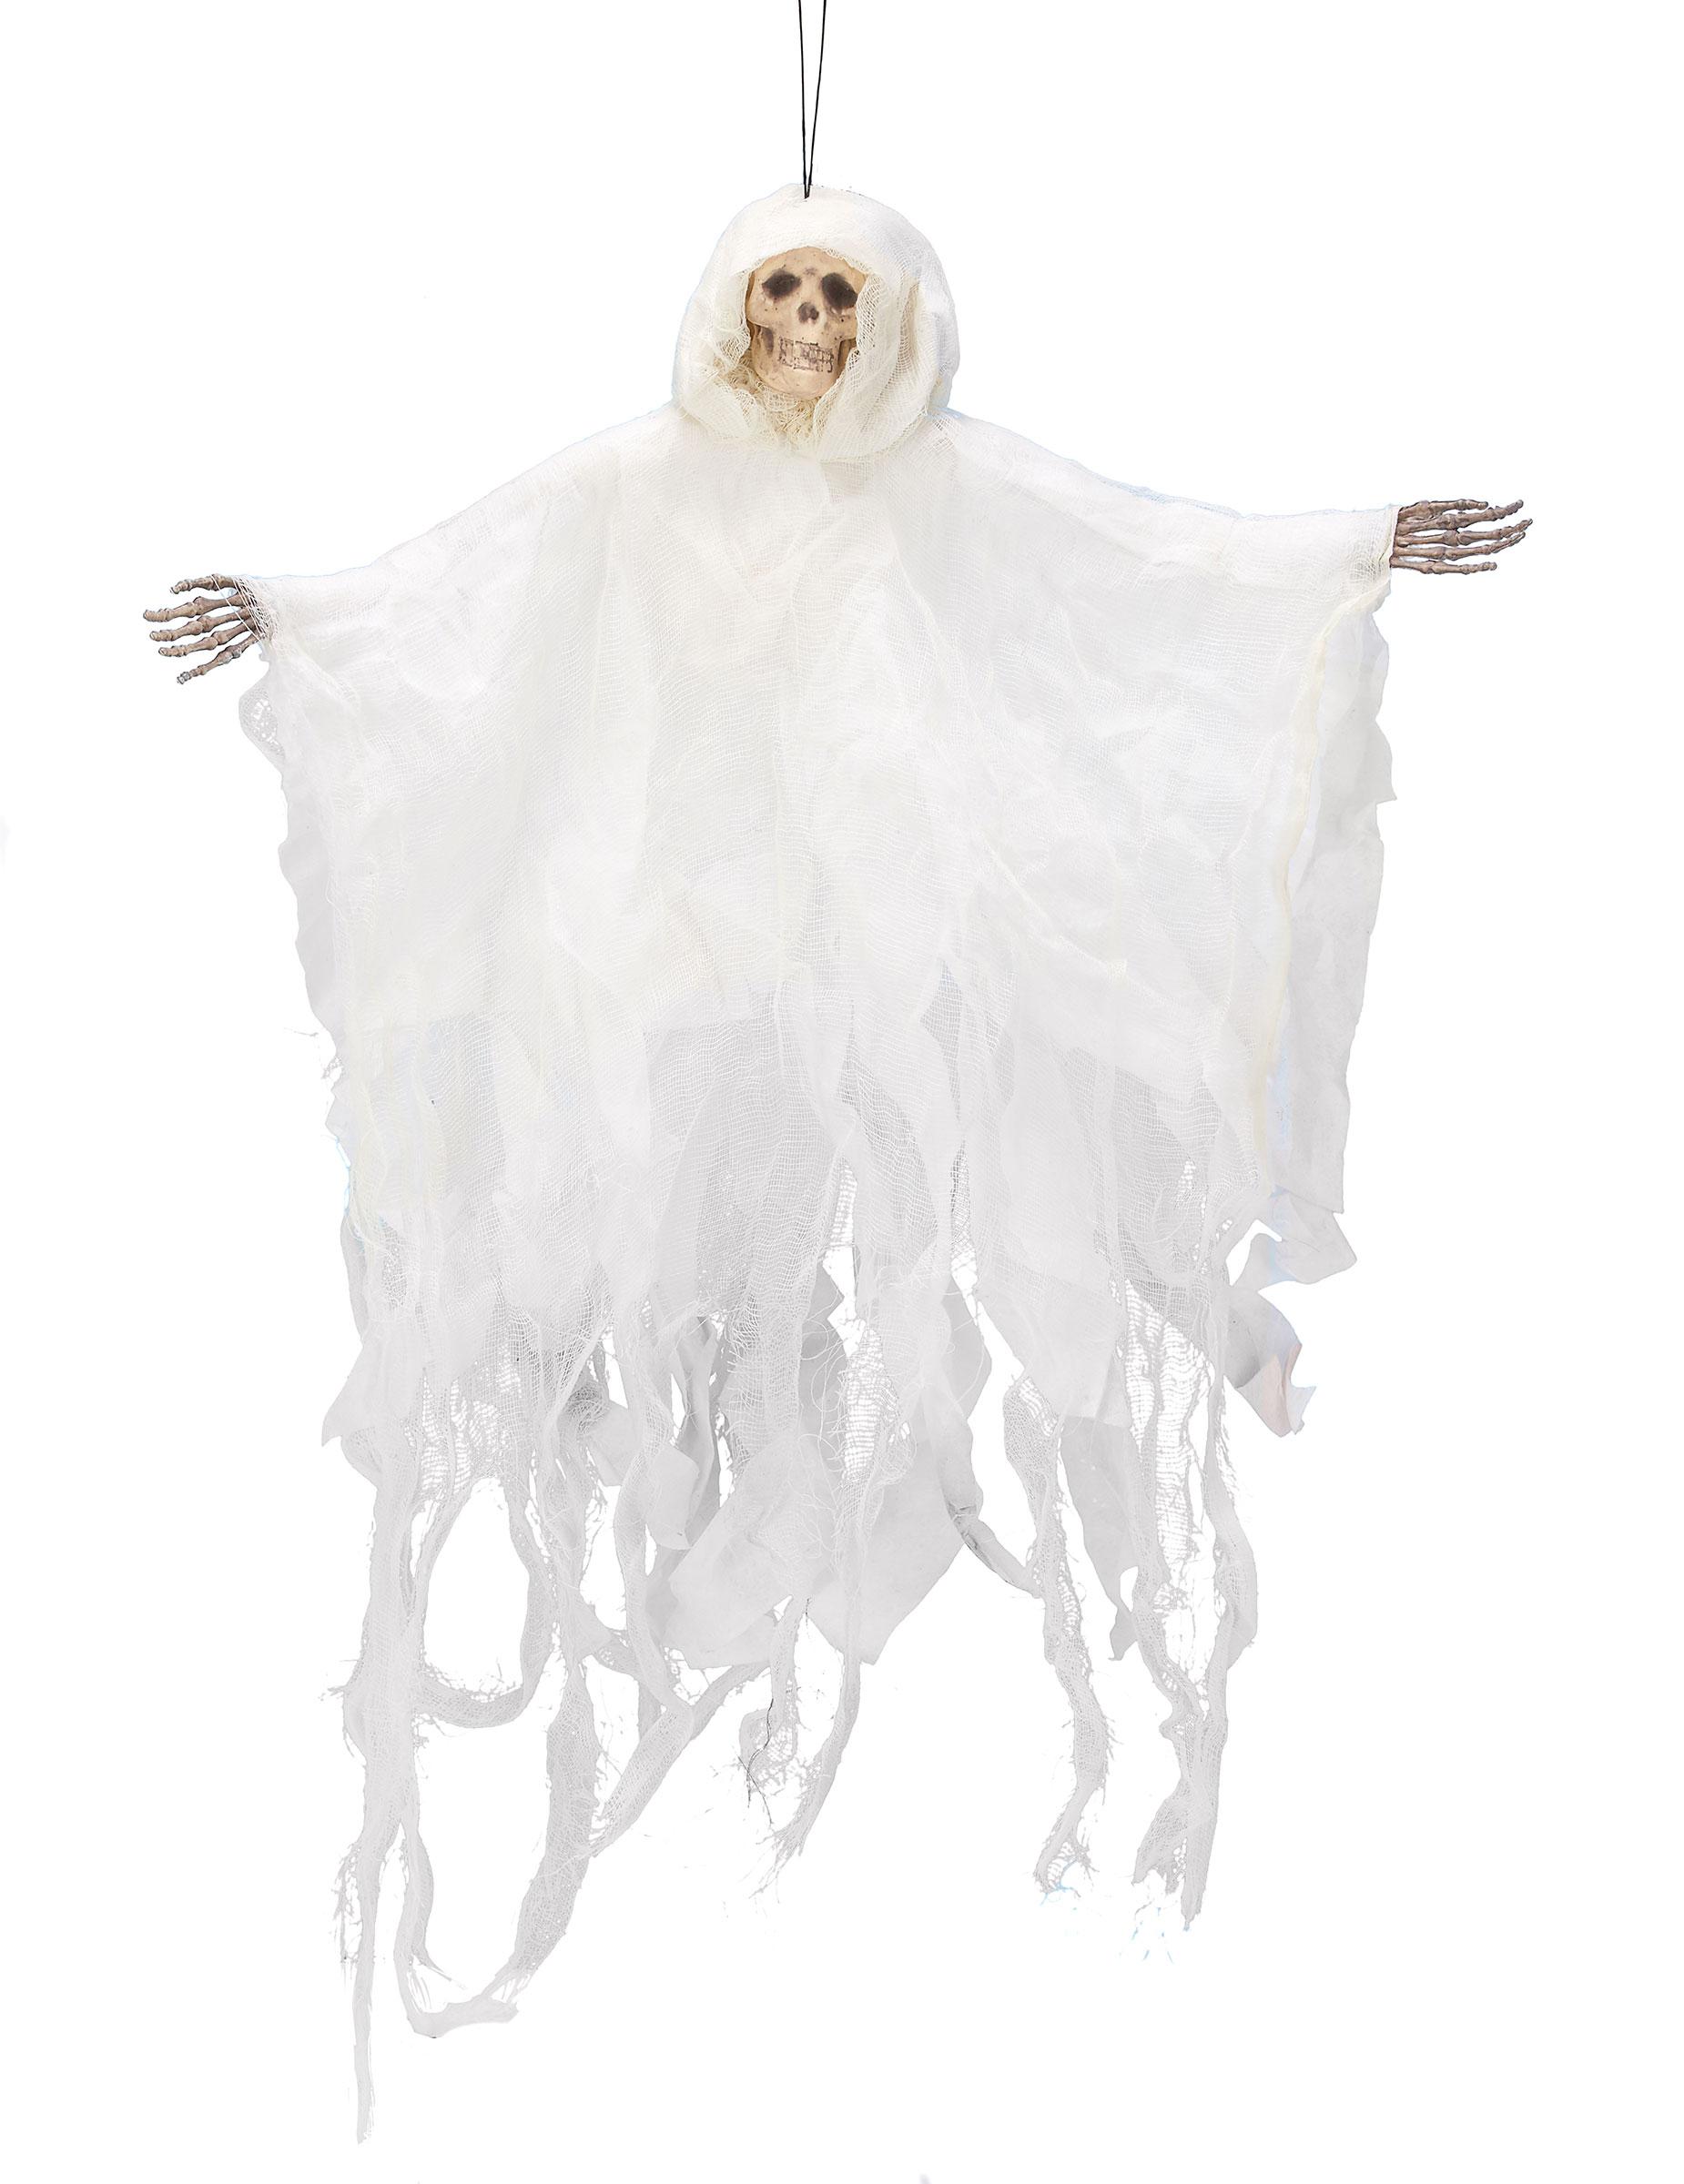 halloween dekoration wei es skelett zum aufh ngen 50 cm. Black Bedroom Furniture Sets. Home Design Ideas